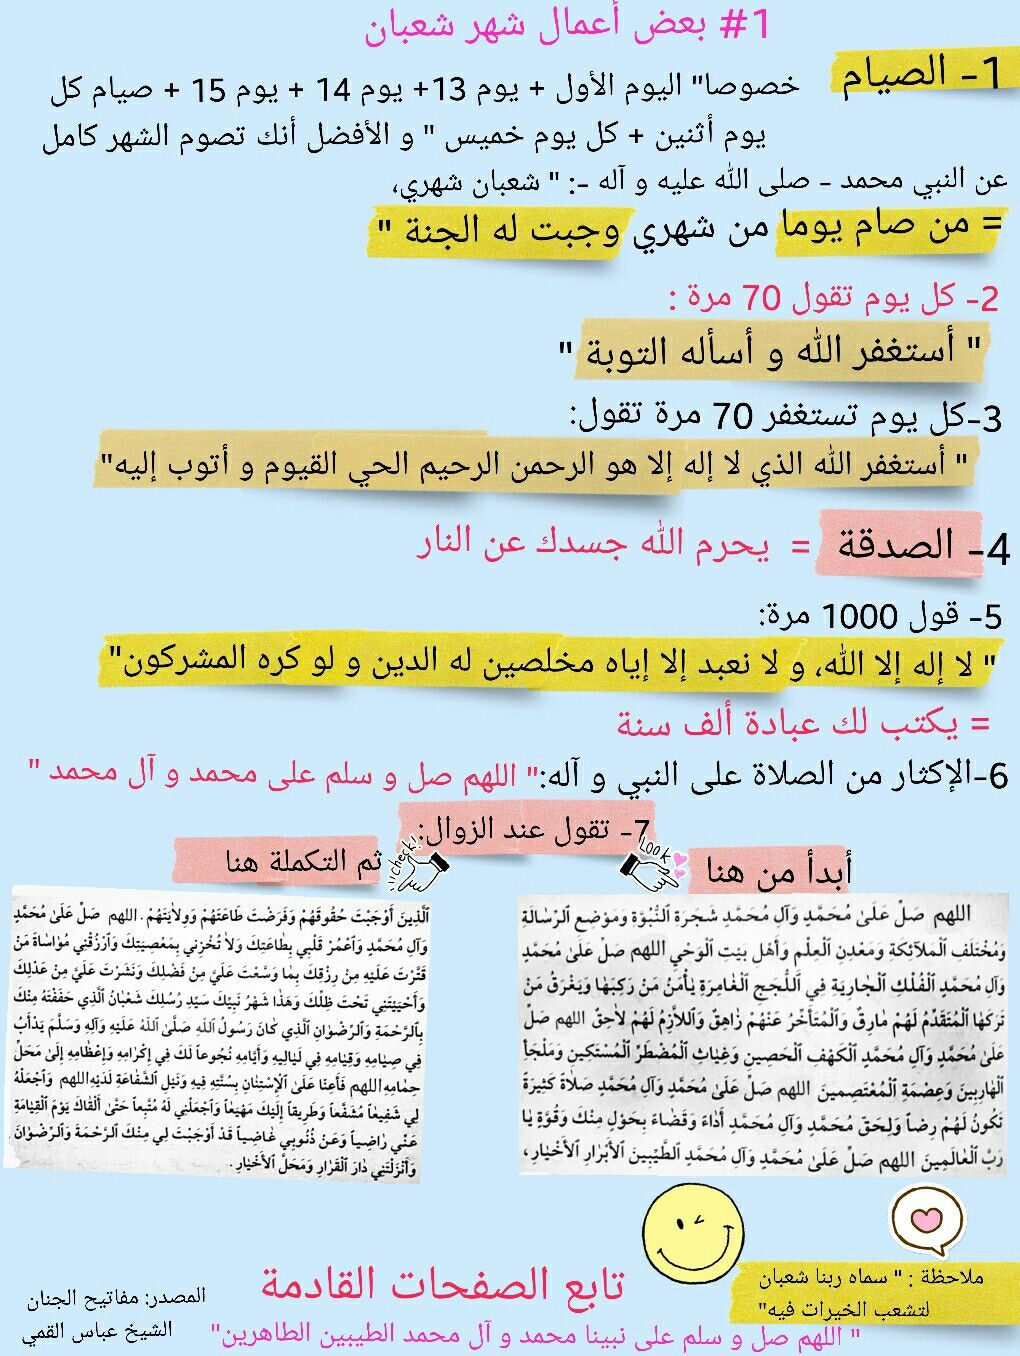 1 بعض أعمال شهر شعبان شهر النبي محمد صلى الله عليه و آله و سلم Ramadan Quotes Info